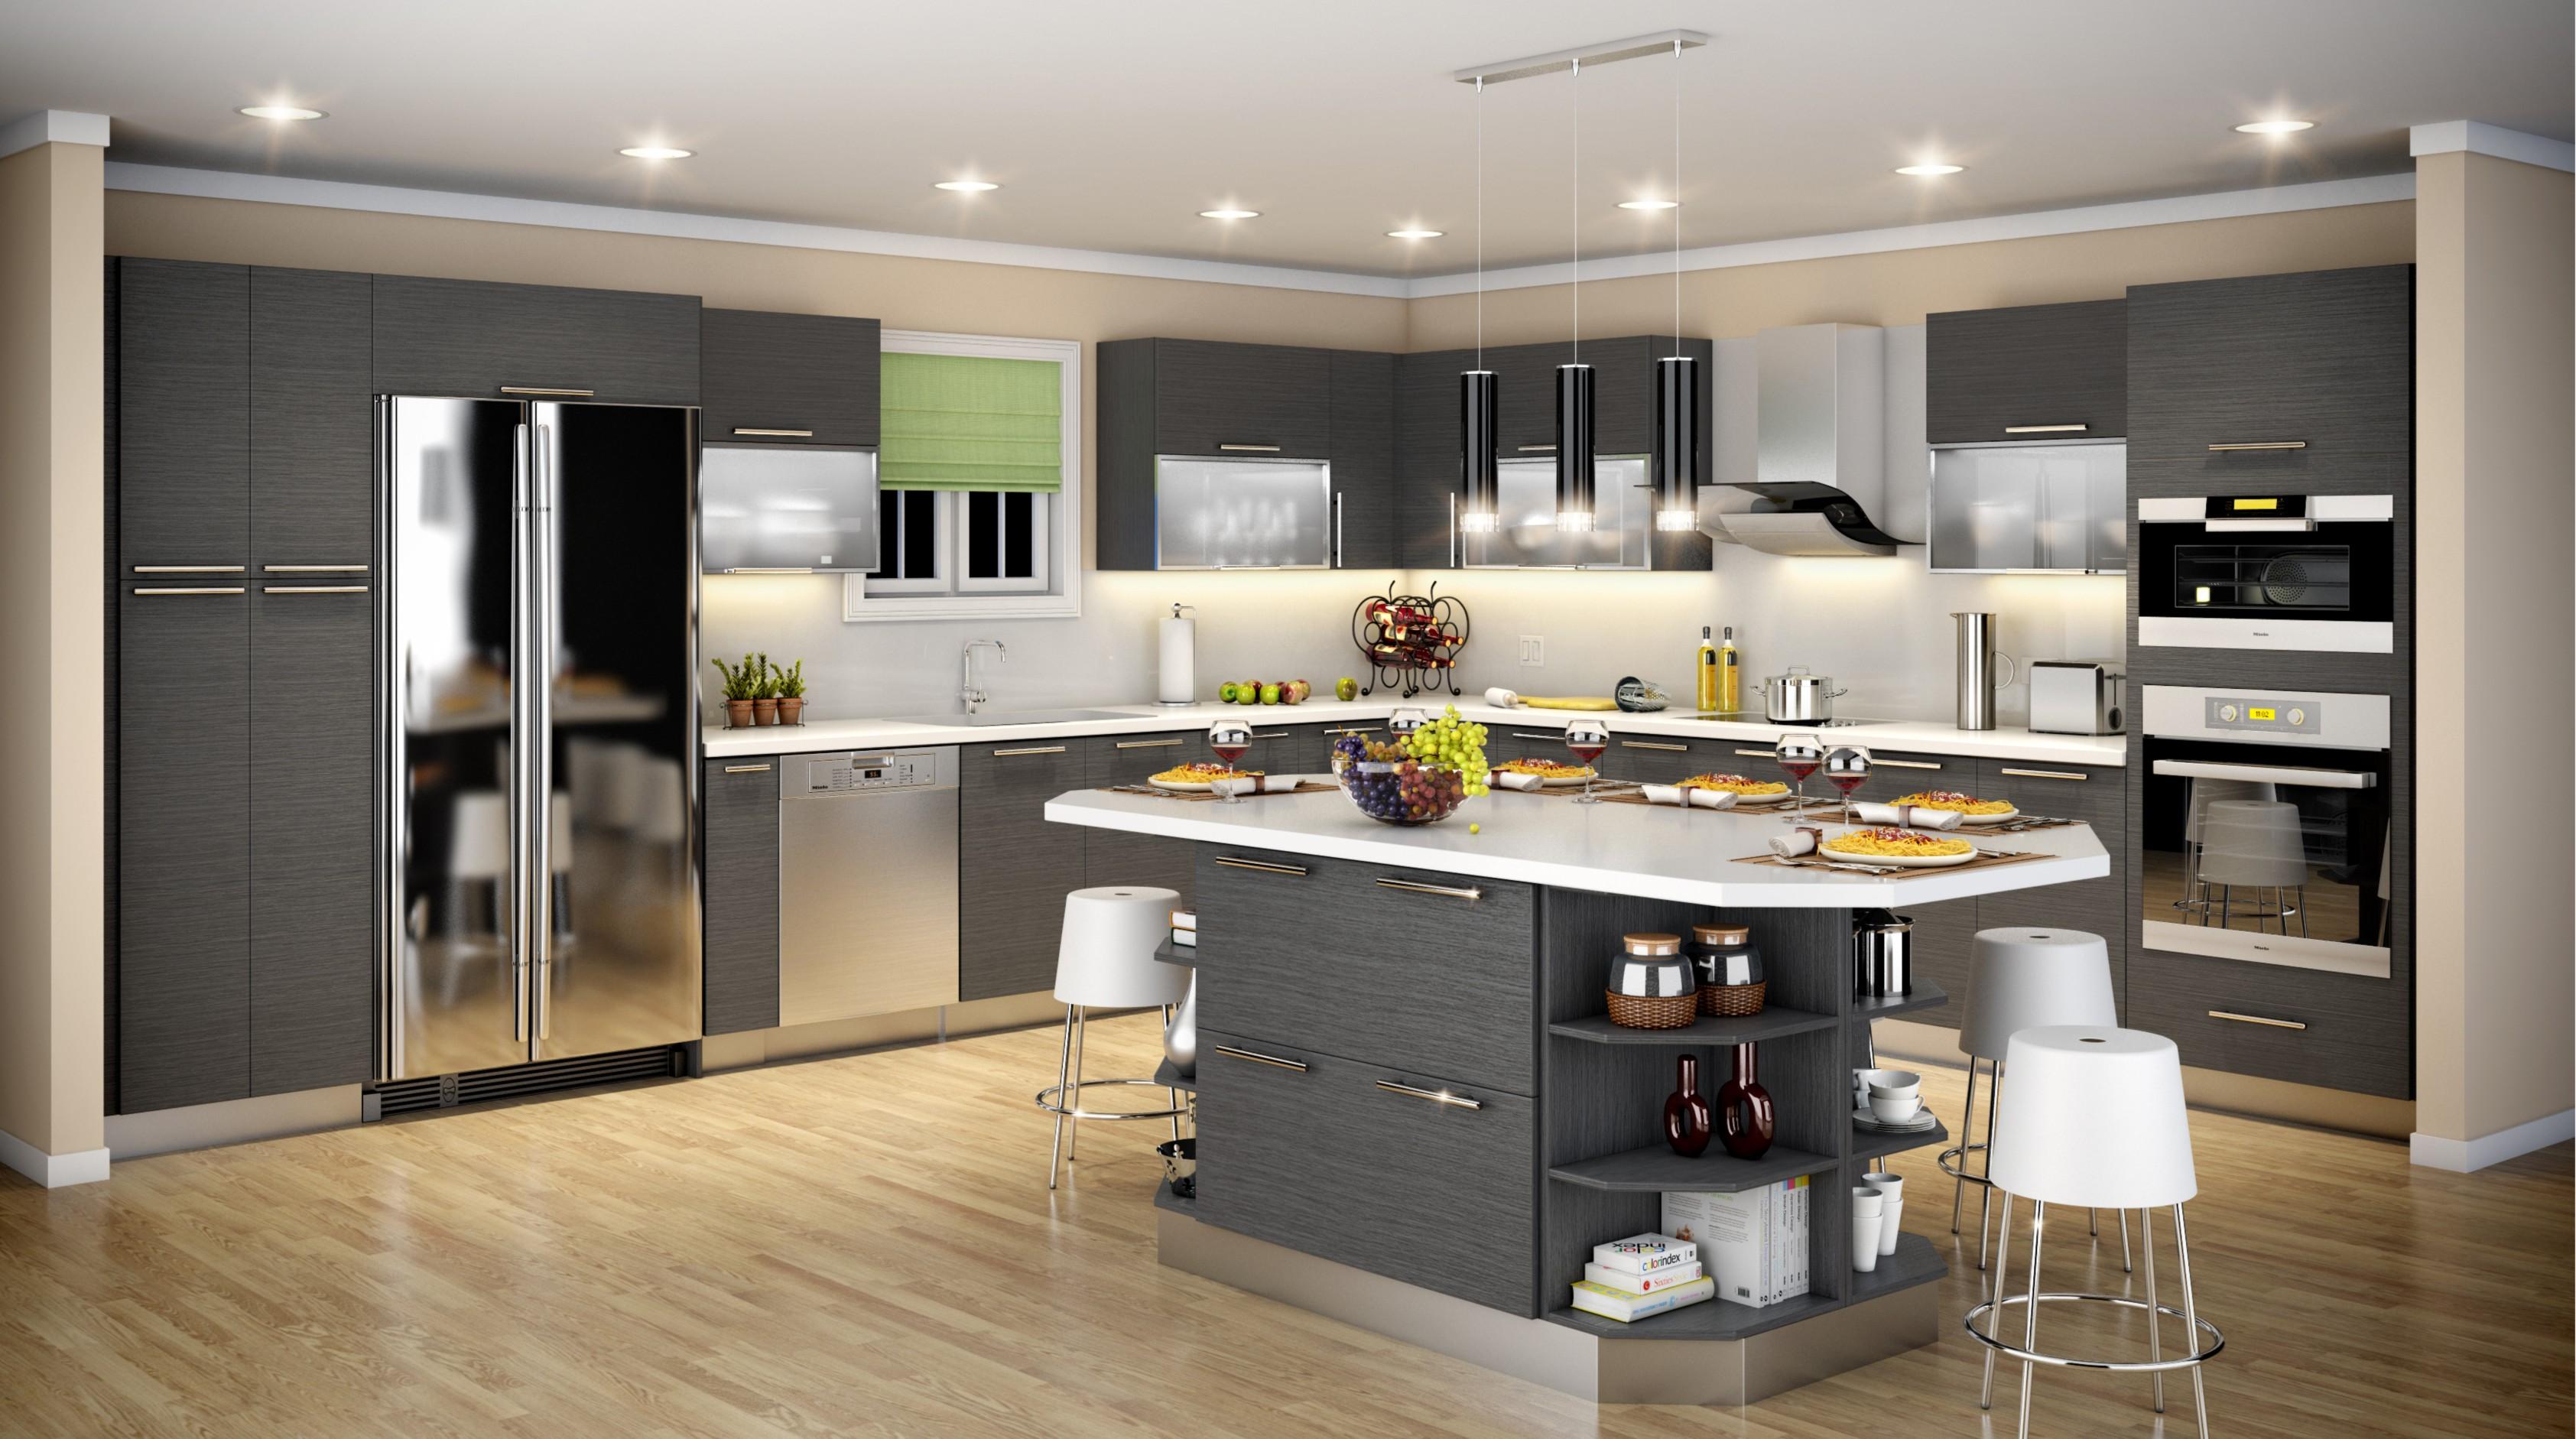 Apex Kitchen Cabinet and Granite Countertop image 7